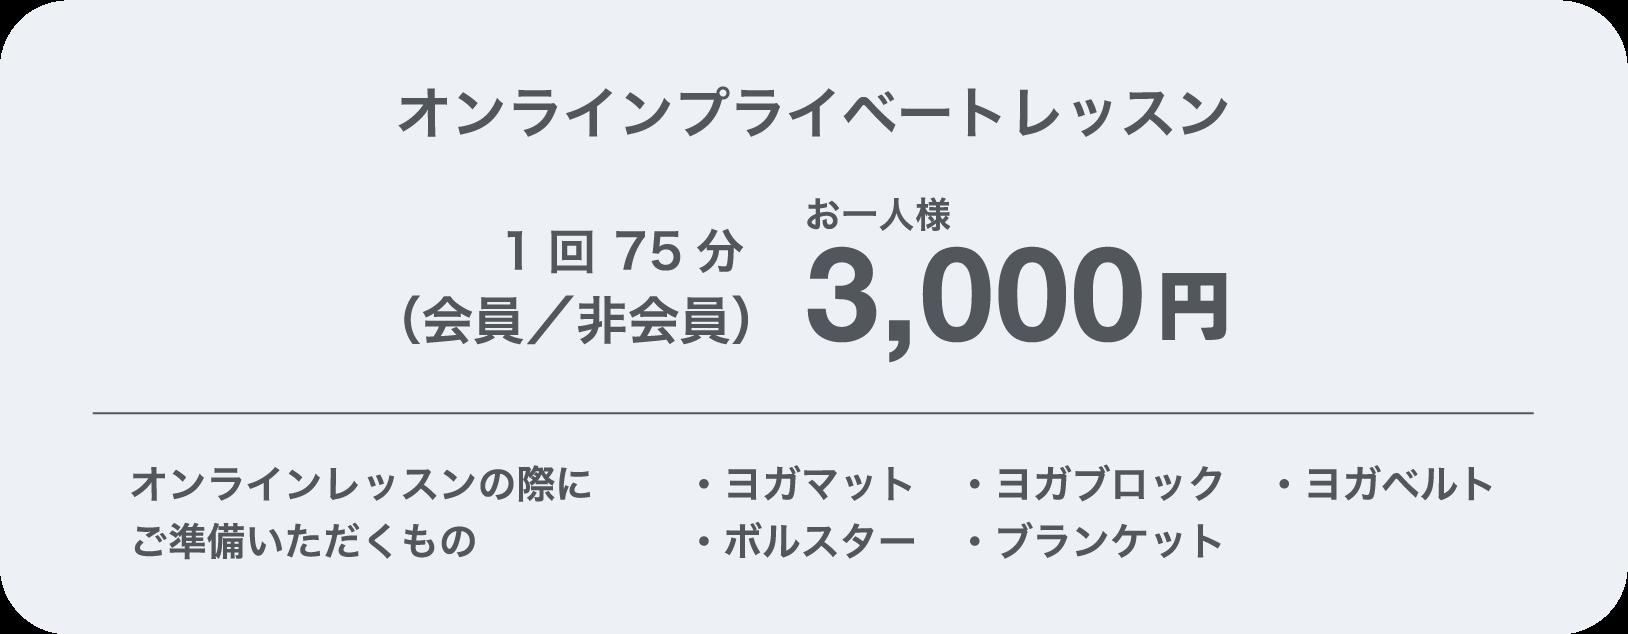 オンラインプライベートレッスン(会員/非会員)3,000円